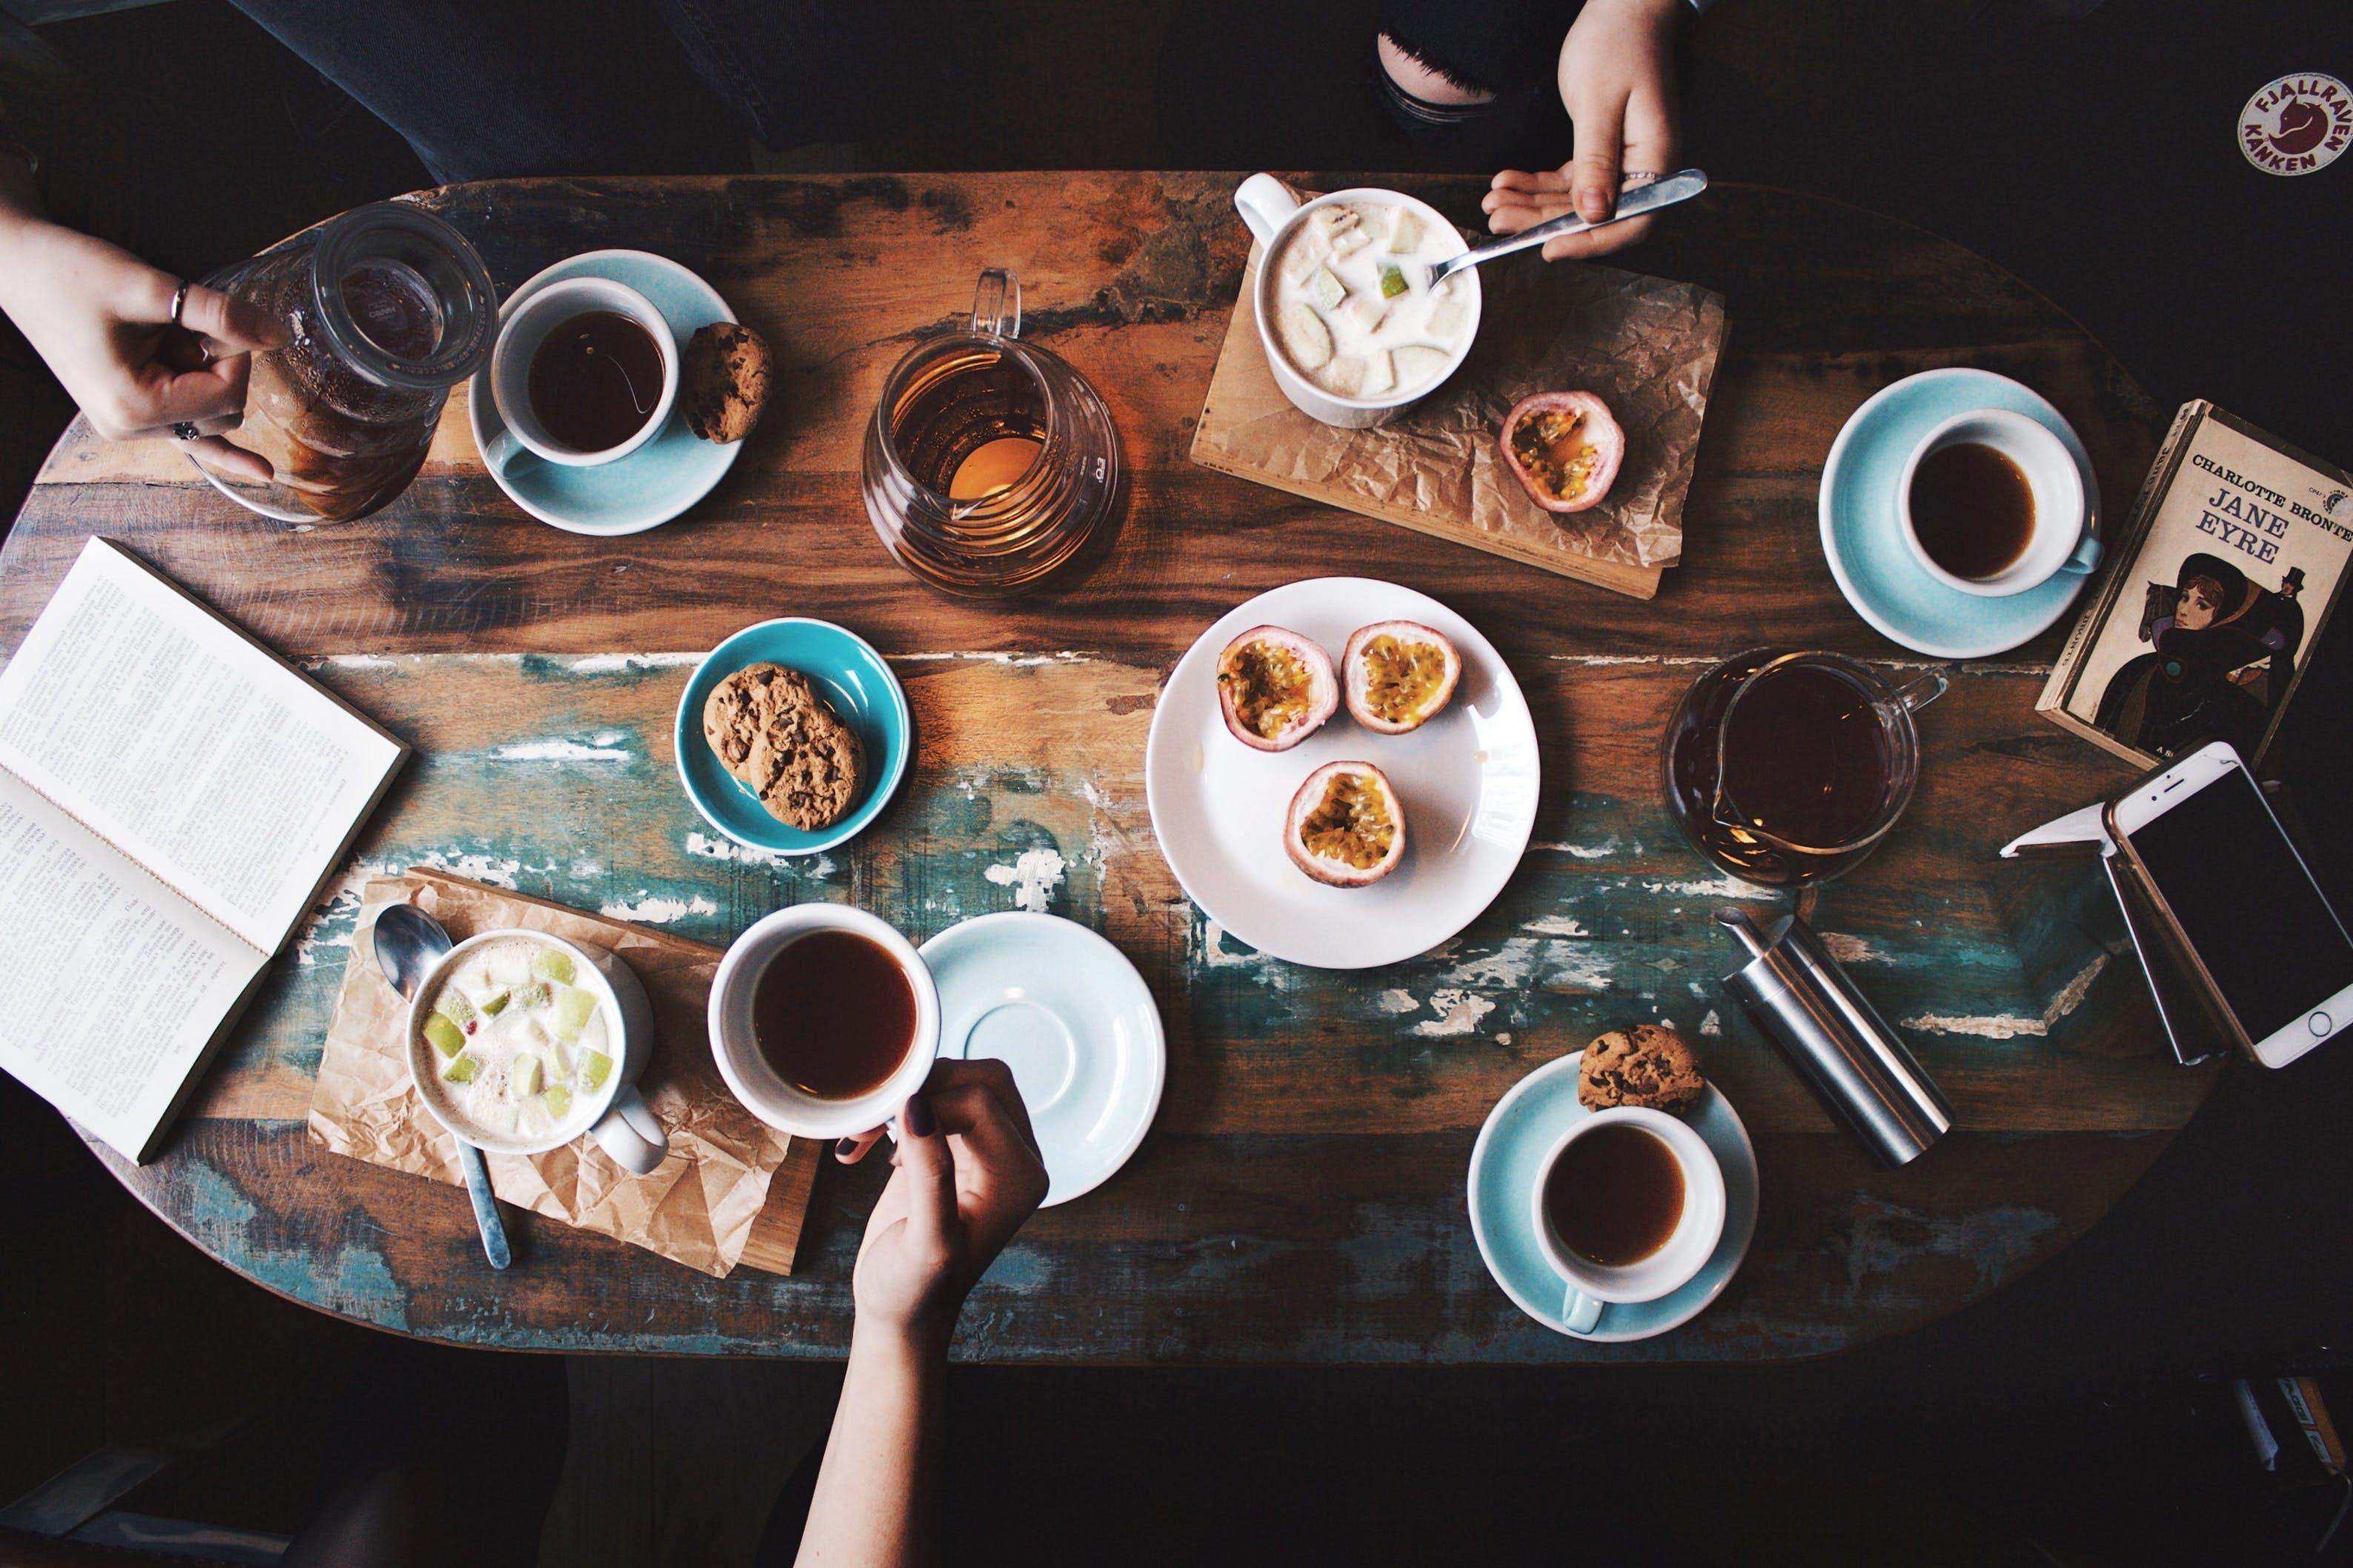 Безкоштовне стокове фото на тему «їжа, великий план, Деревина, дерев'яний стіл»